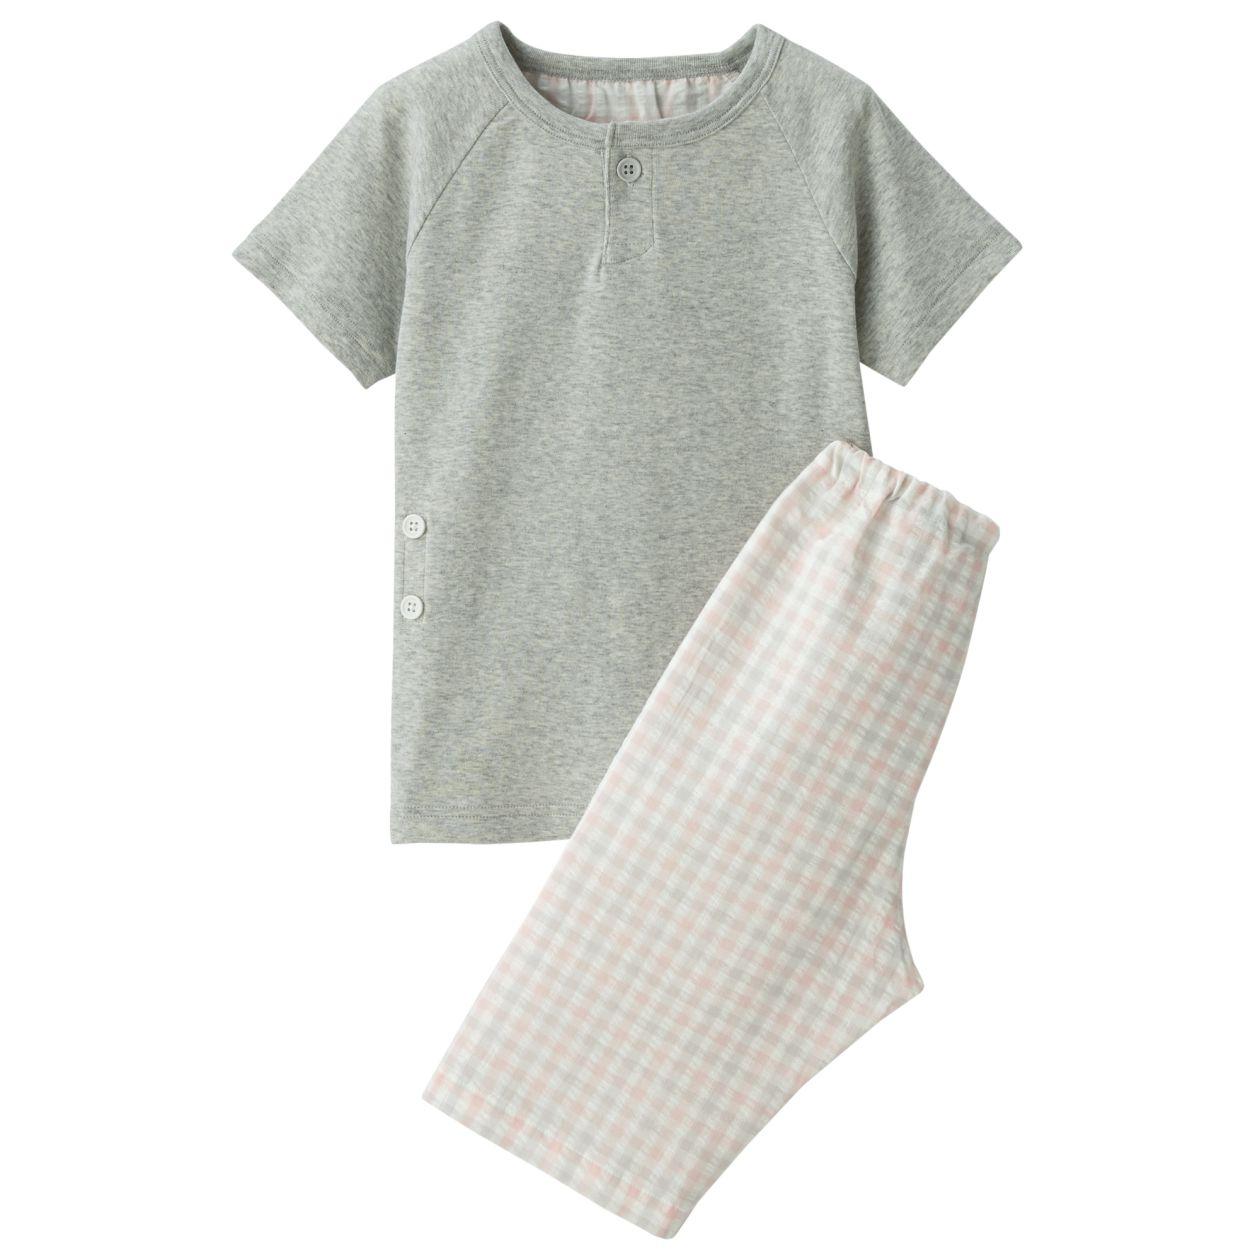 脇に縫い目のないフライス編み半袖パジャマ(七分丈)・(ベビー)